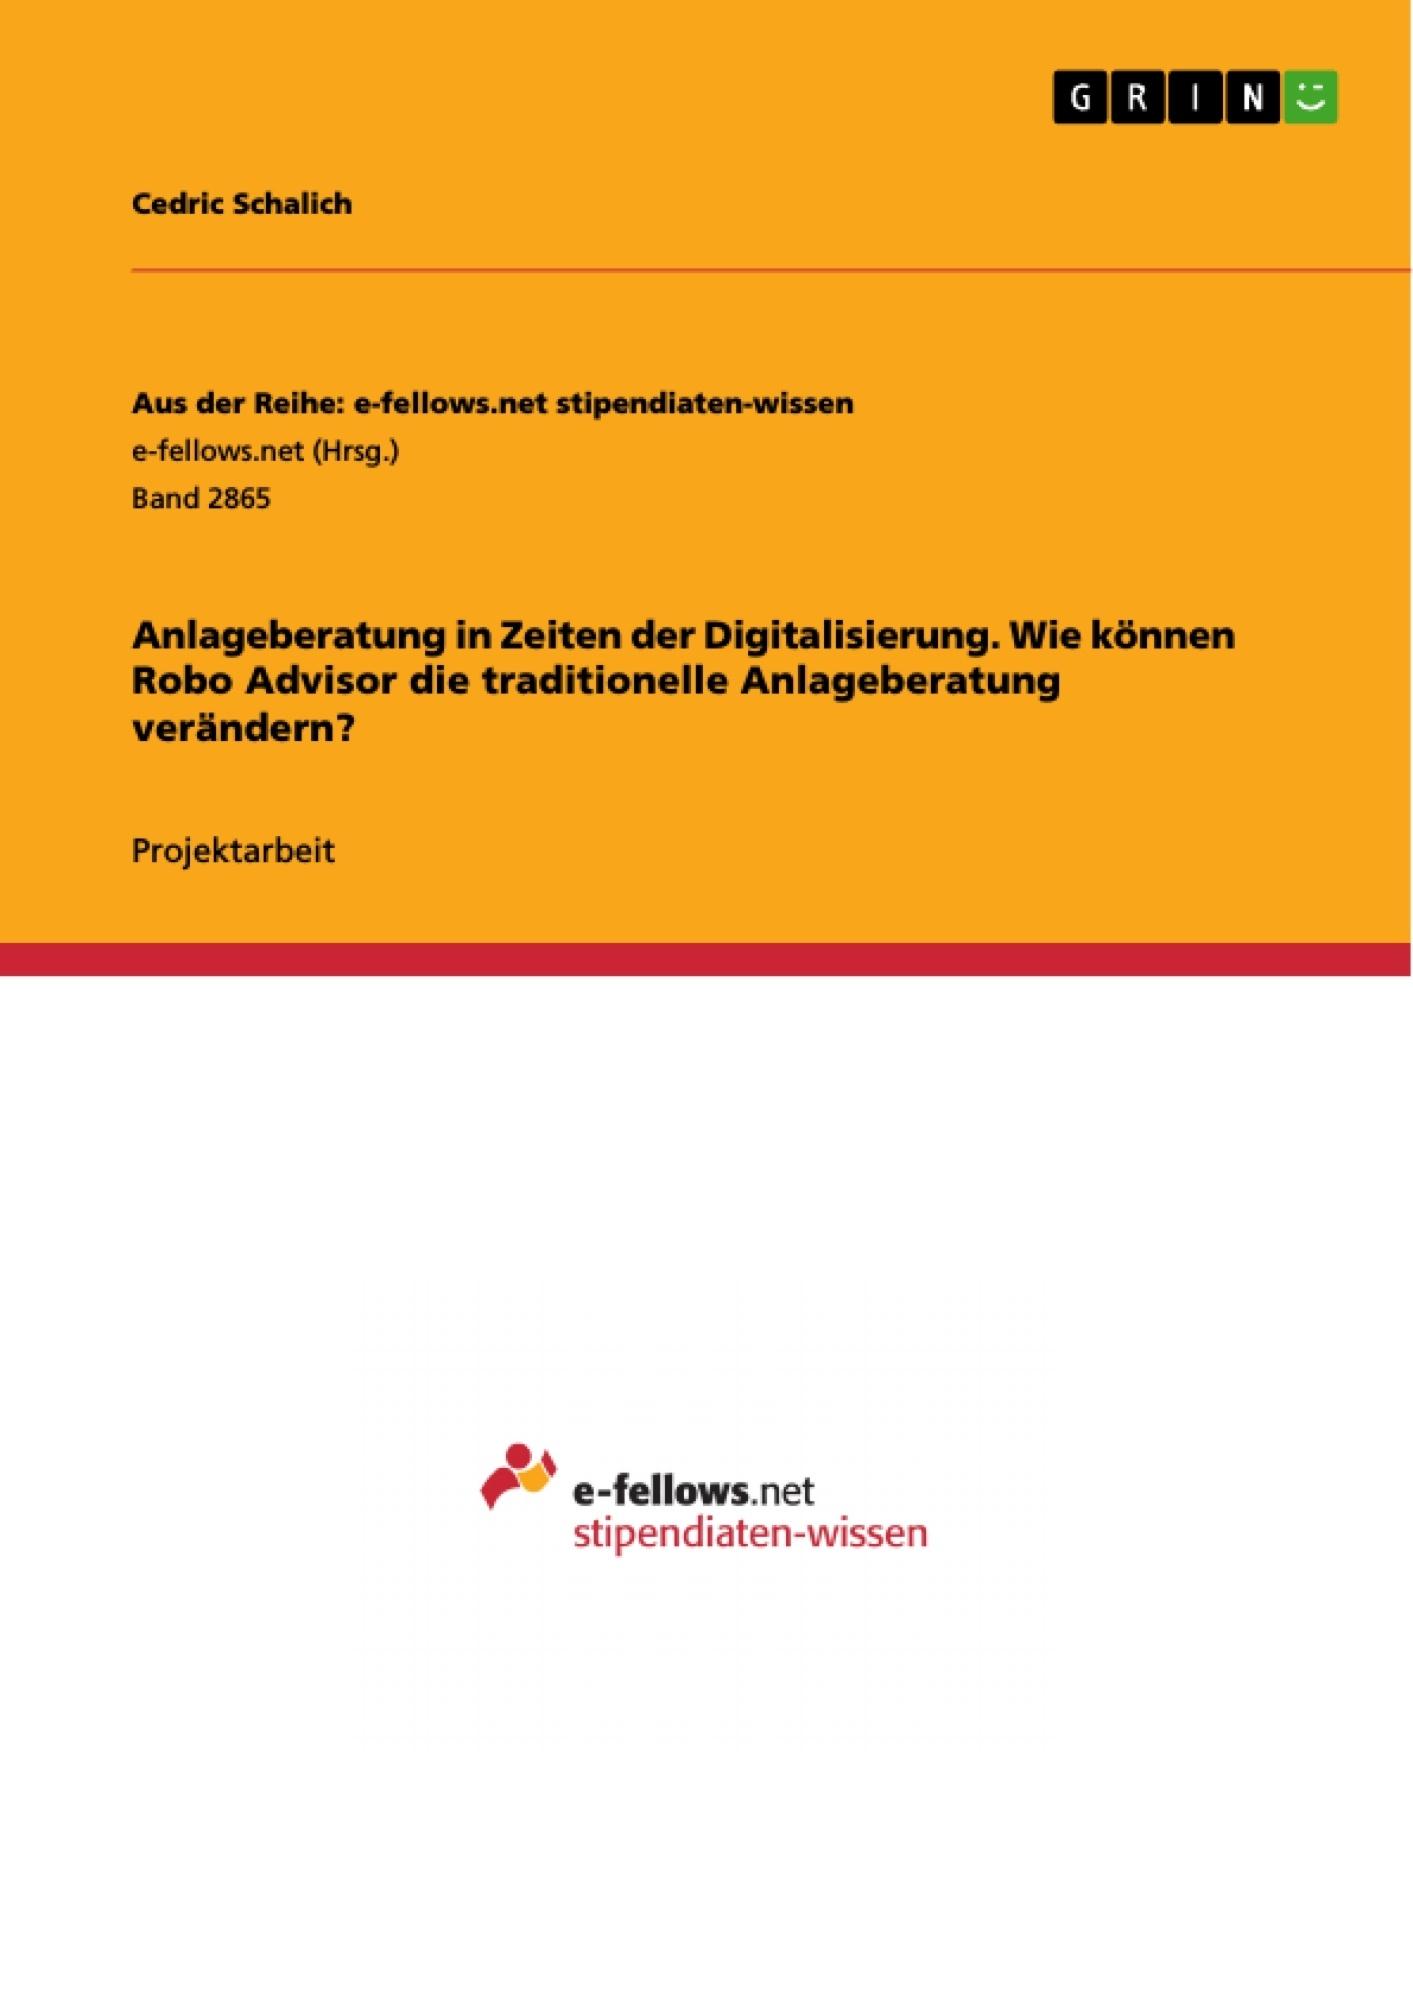 Titel: Anlageberatung in Zeiten der Digitalisierung. Wie können Robo Advisor die traditionelle Anlageberatung verändern?